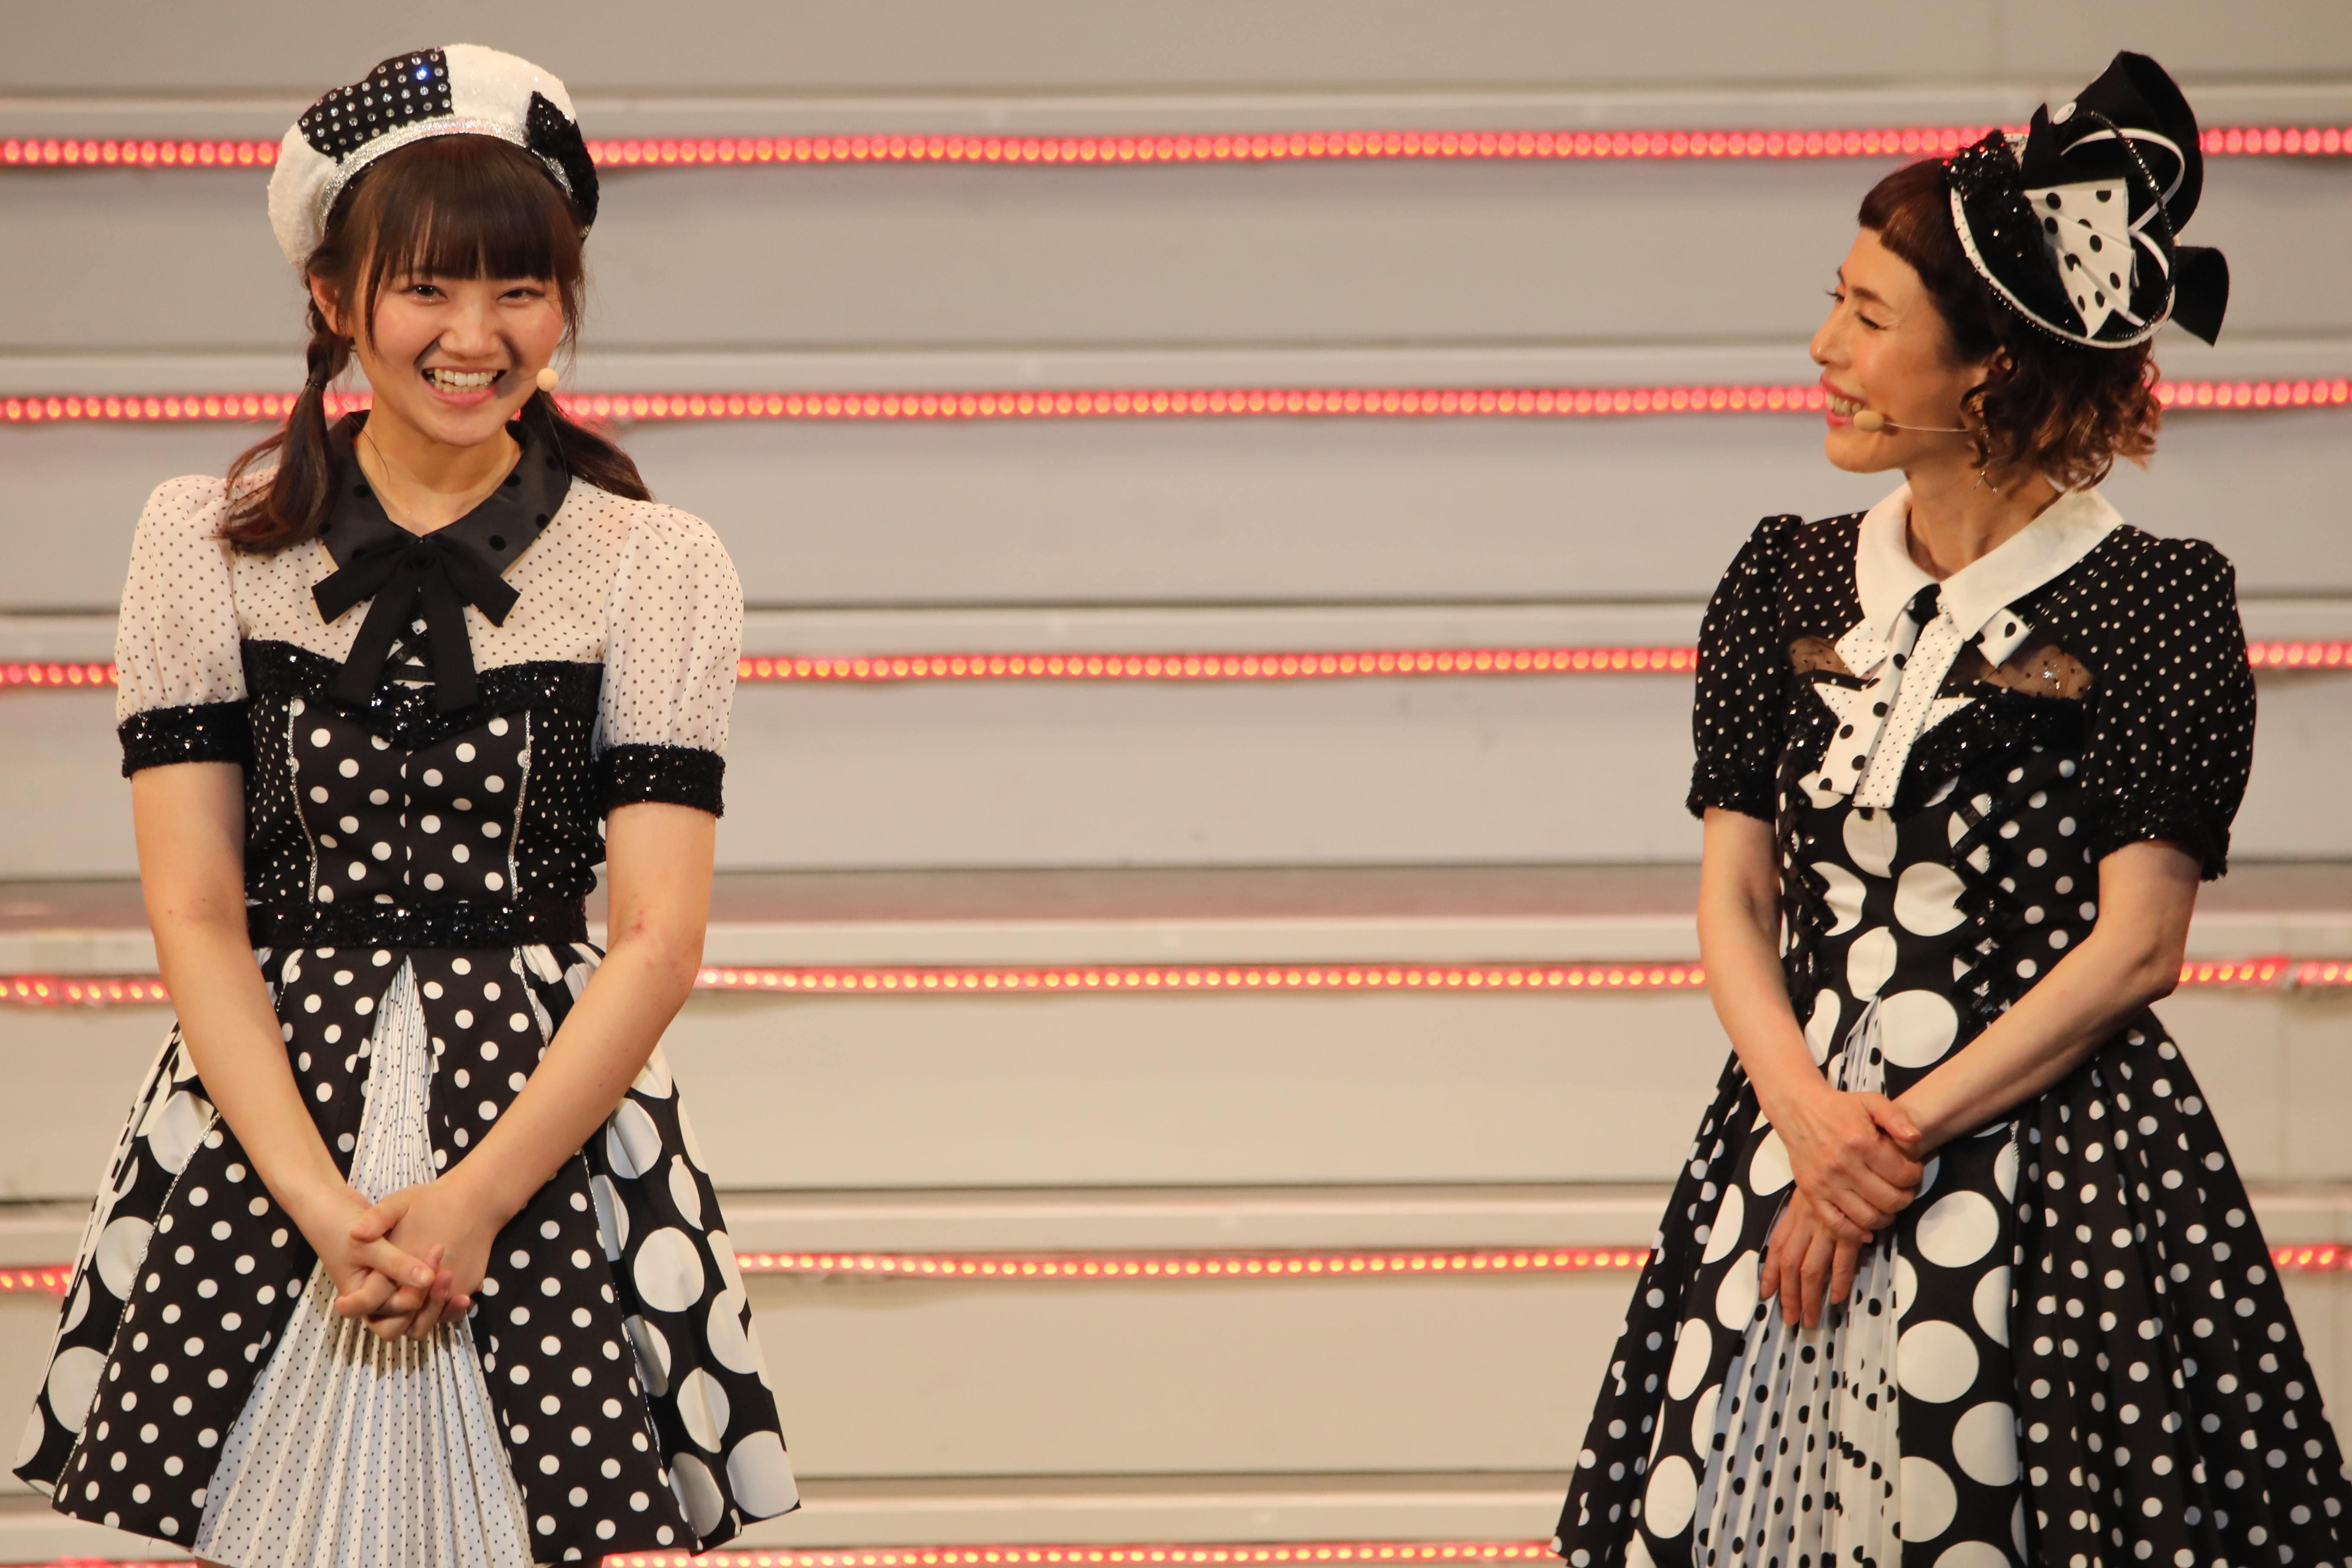 稲垣香織と久本雅美 ©AKB48 THE AUDISHOW製作委員会  無断アップロード及び転送は一切禁止です。